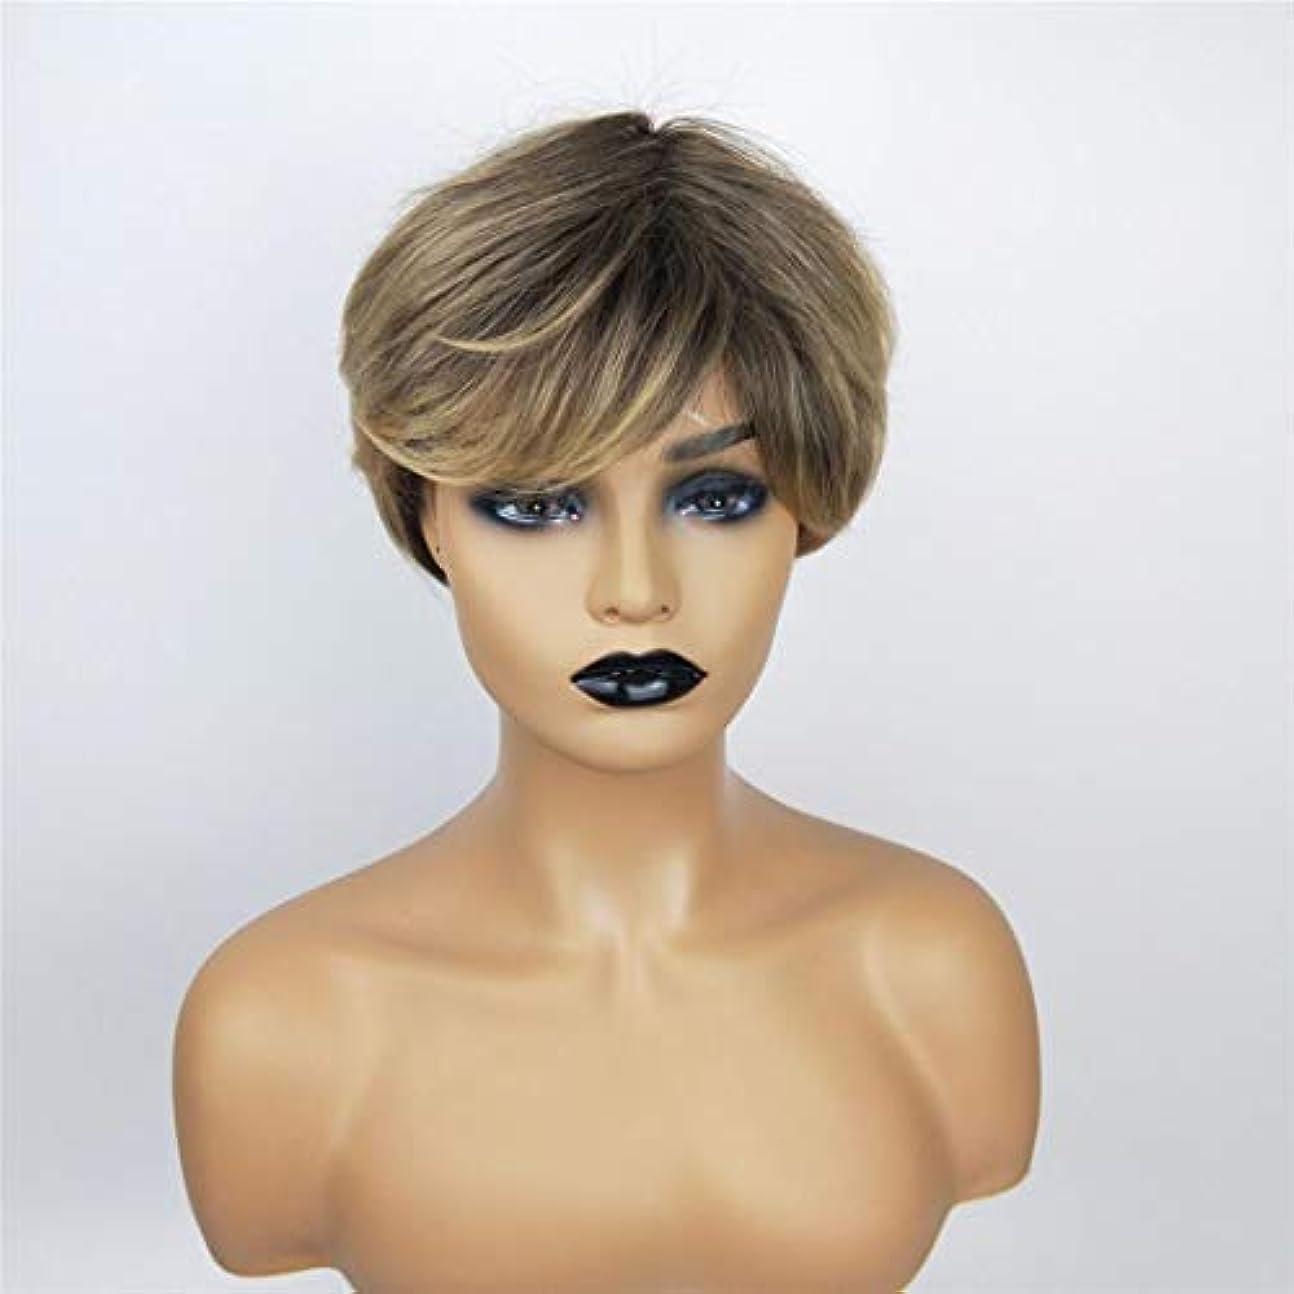 貢献マークされたさまようKerwinner 女性のための茶色のかつら短い巻き毛のかつら合成完全女性のかつら